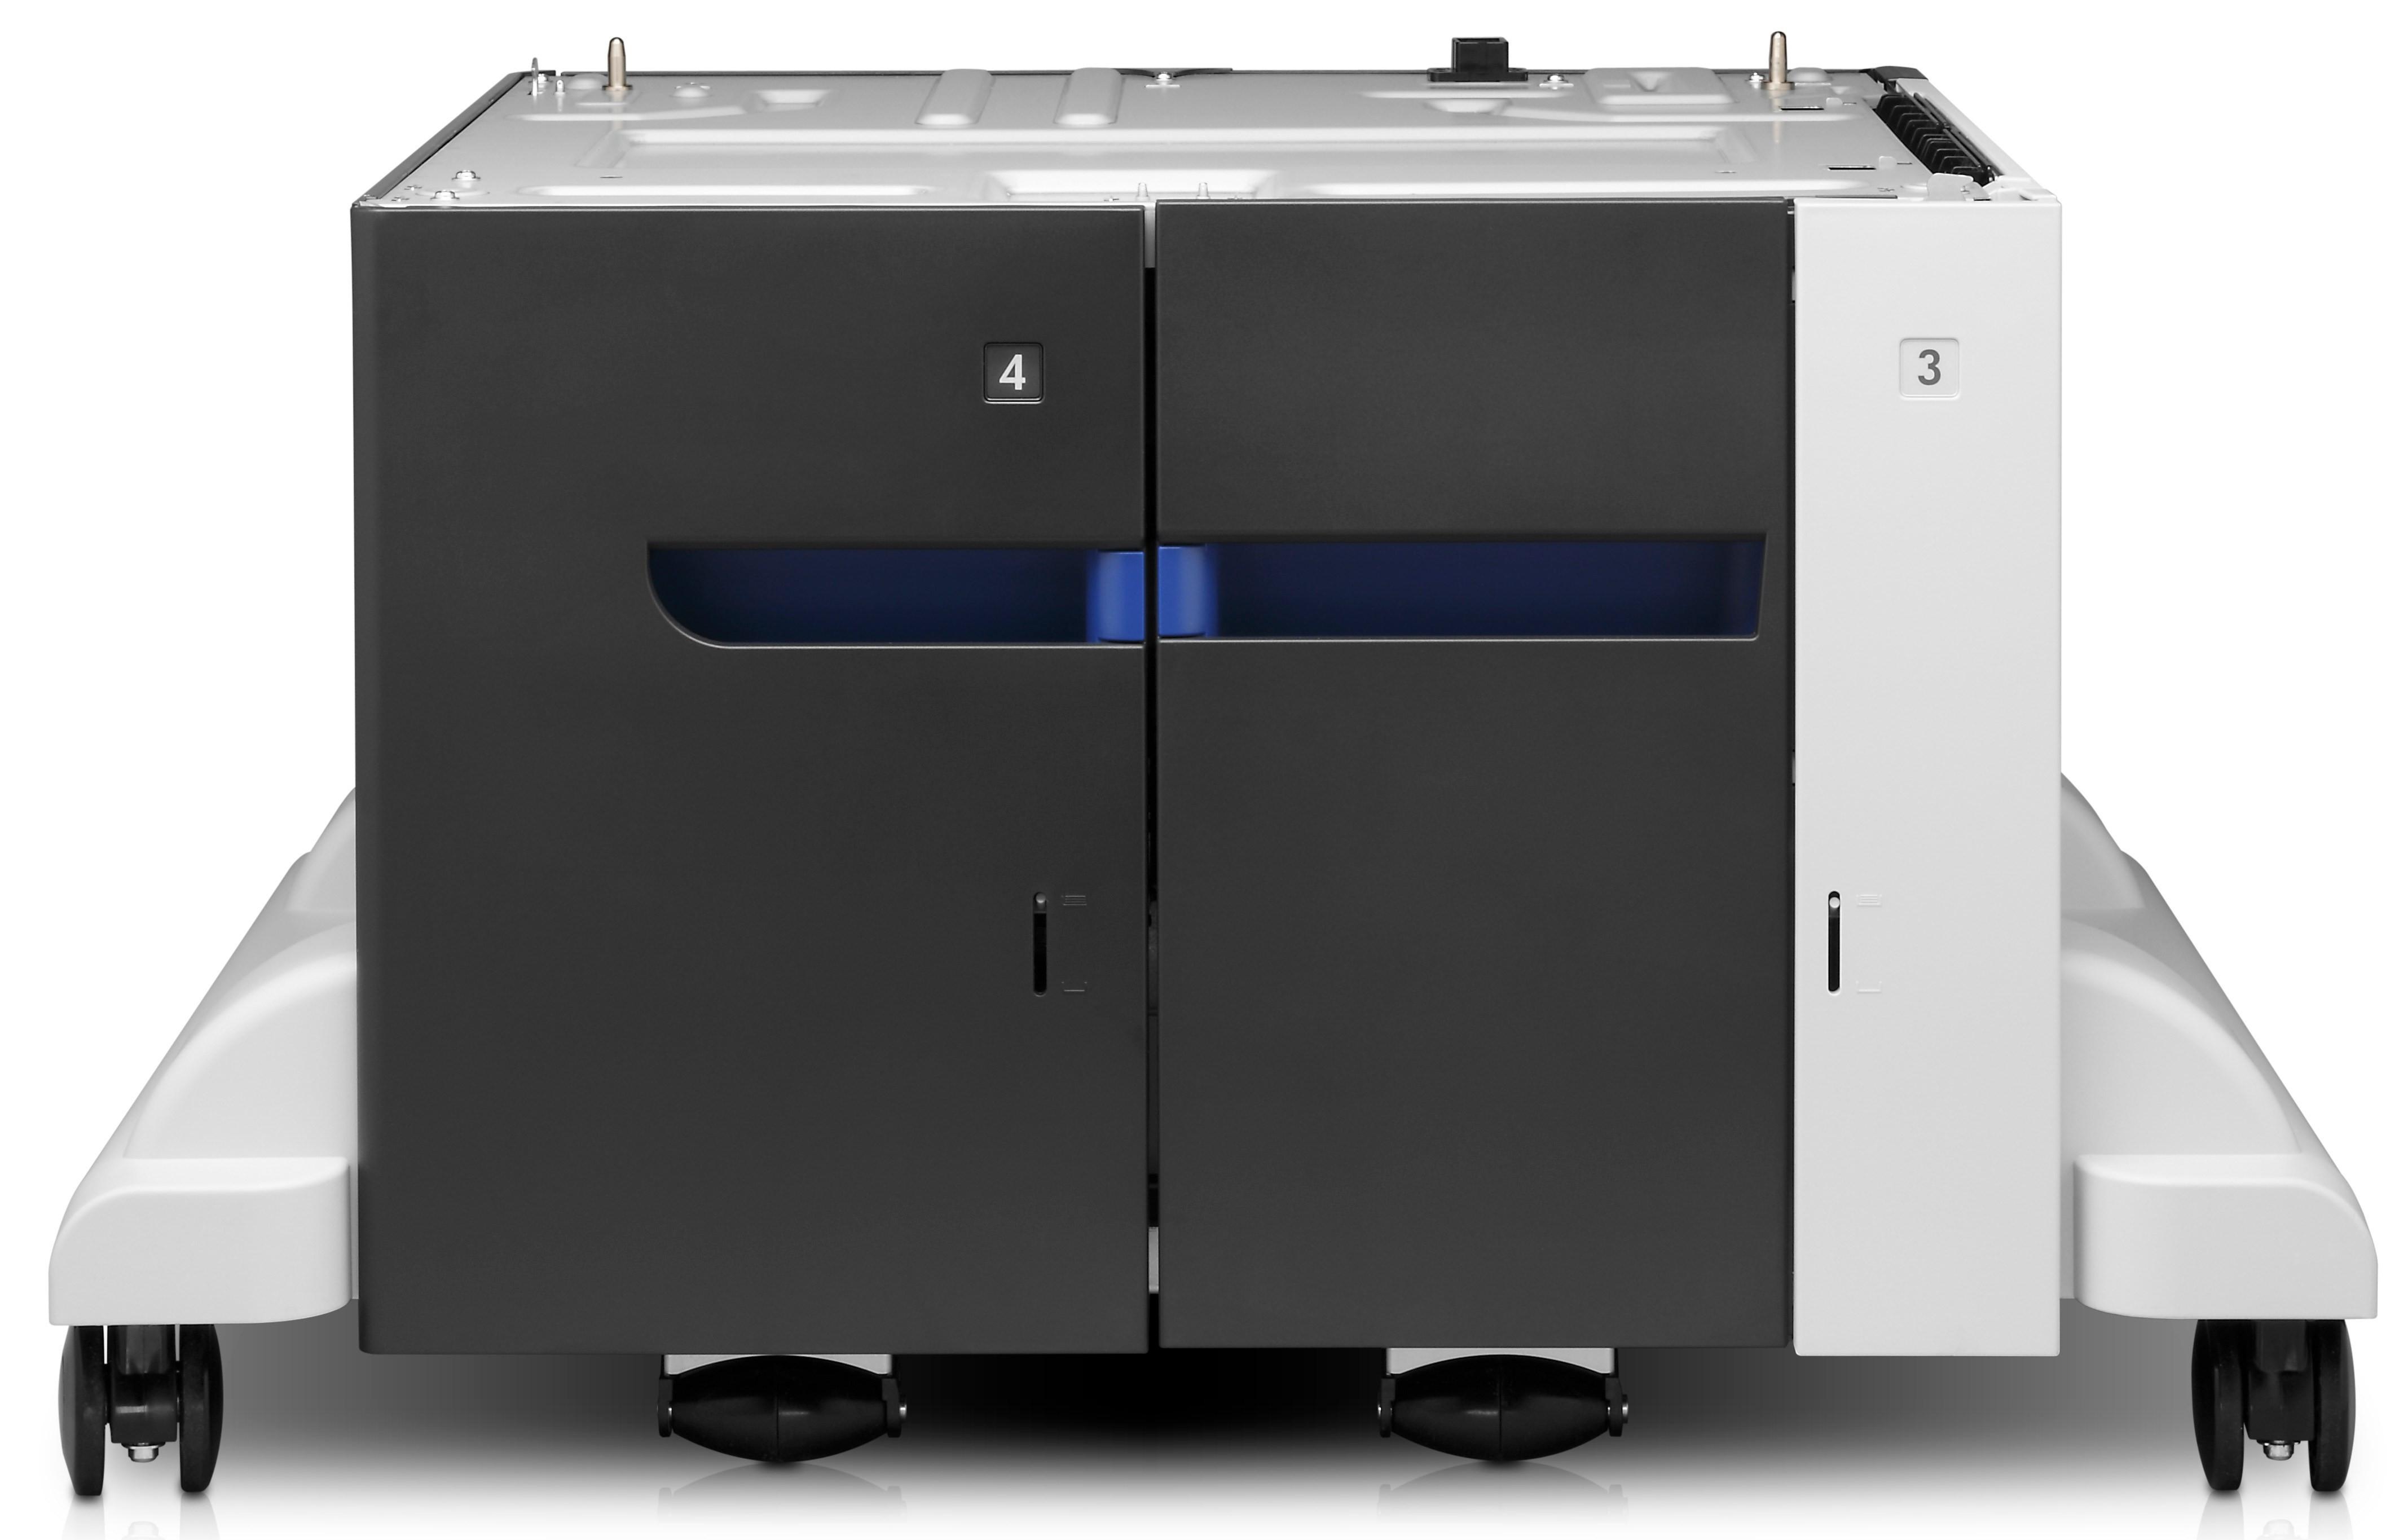 HP 1x500 tálca és állvány LJ M800